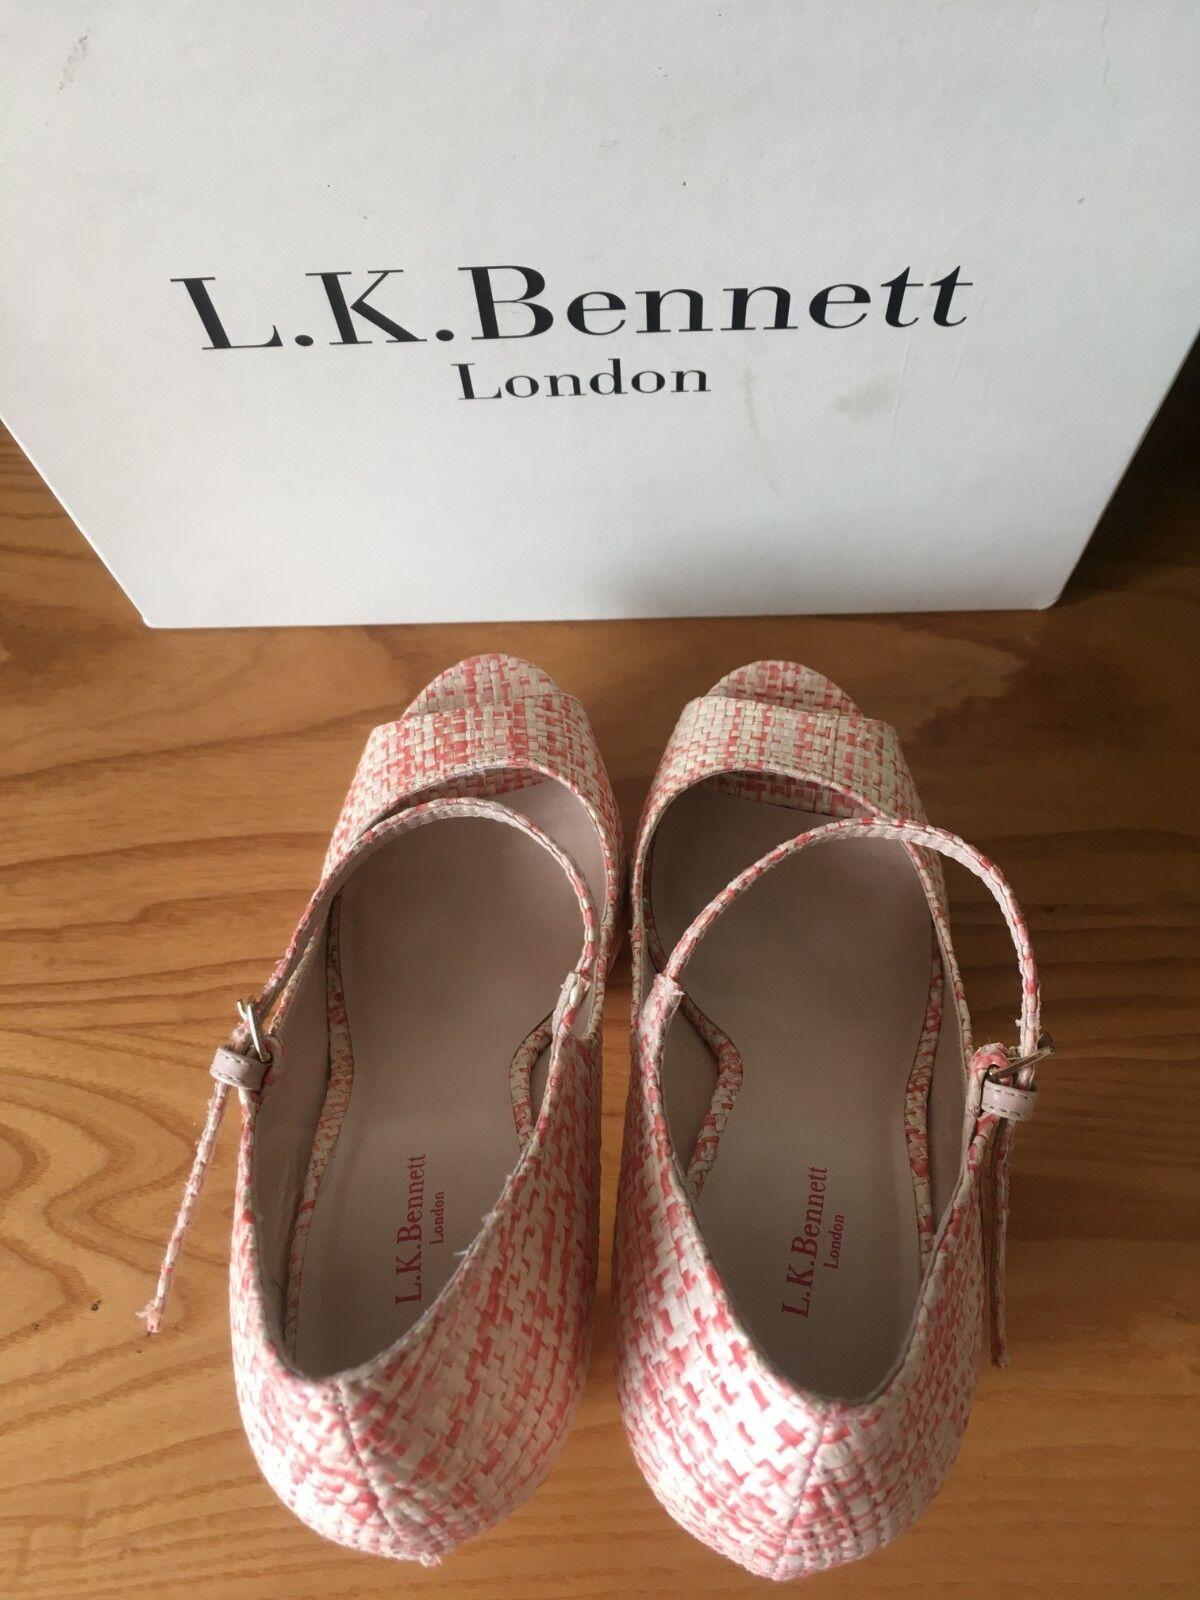 L.K Bennett Amika rot cream raffia raffia raffia platform Mary Jane peep toe pumps UK 6 EU 39 2ddfd8